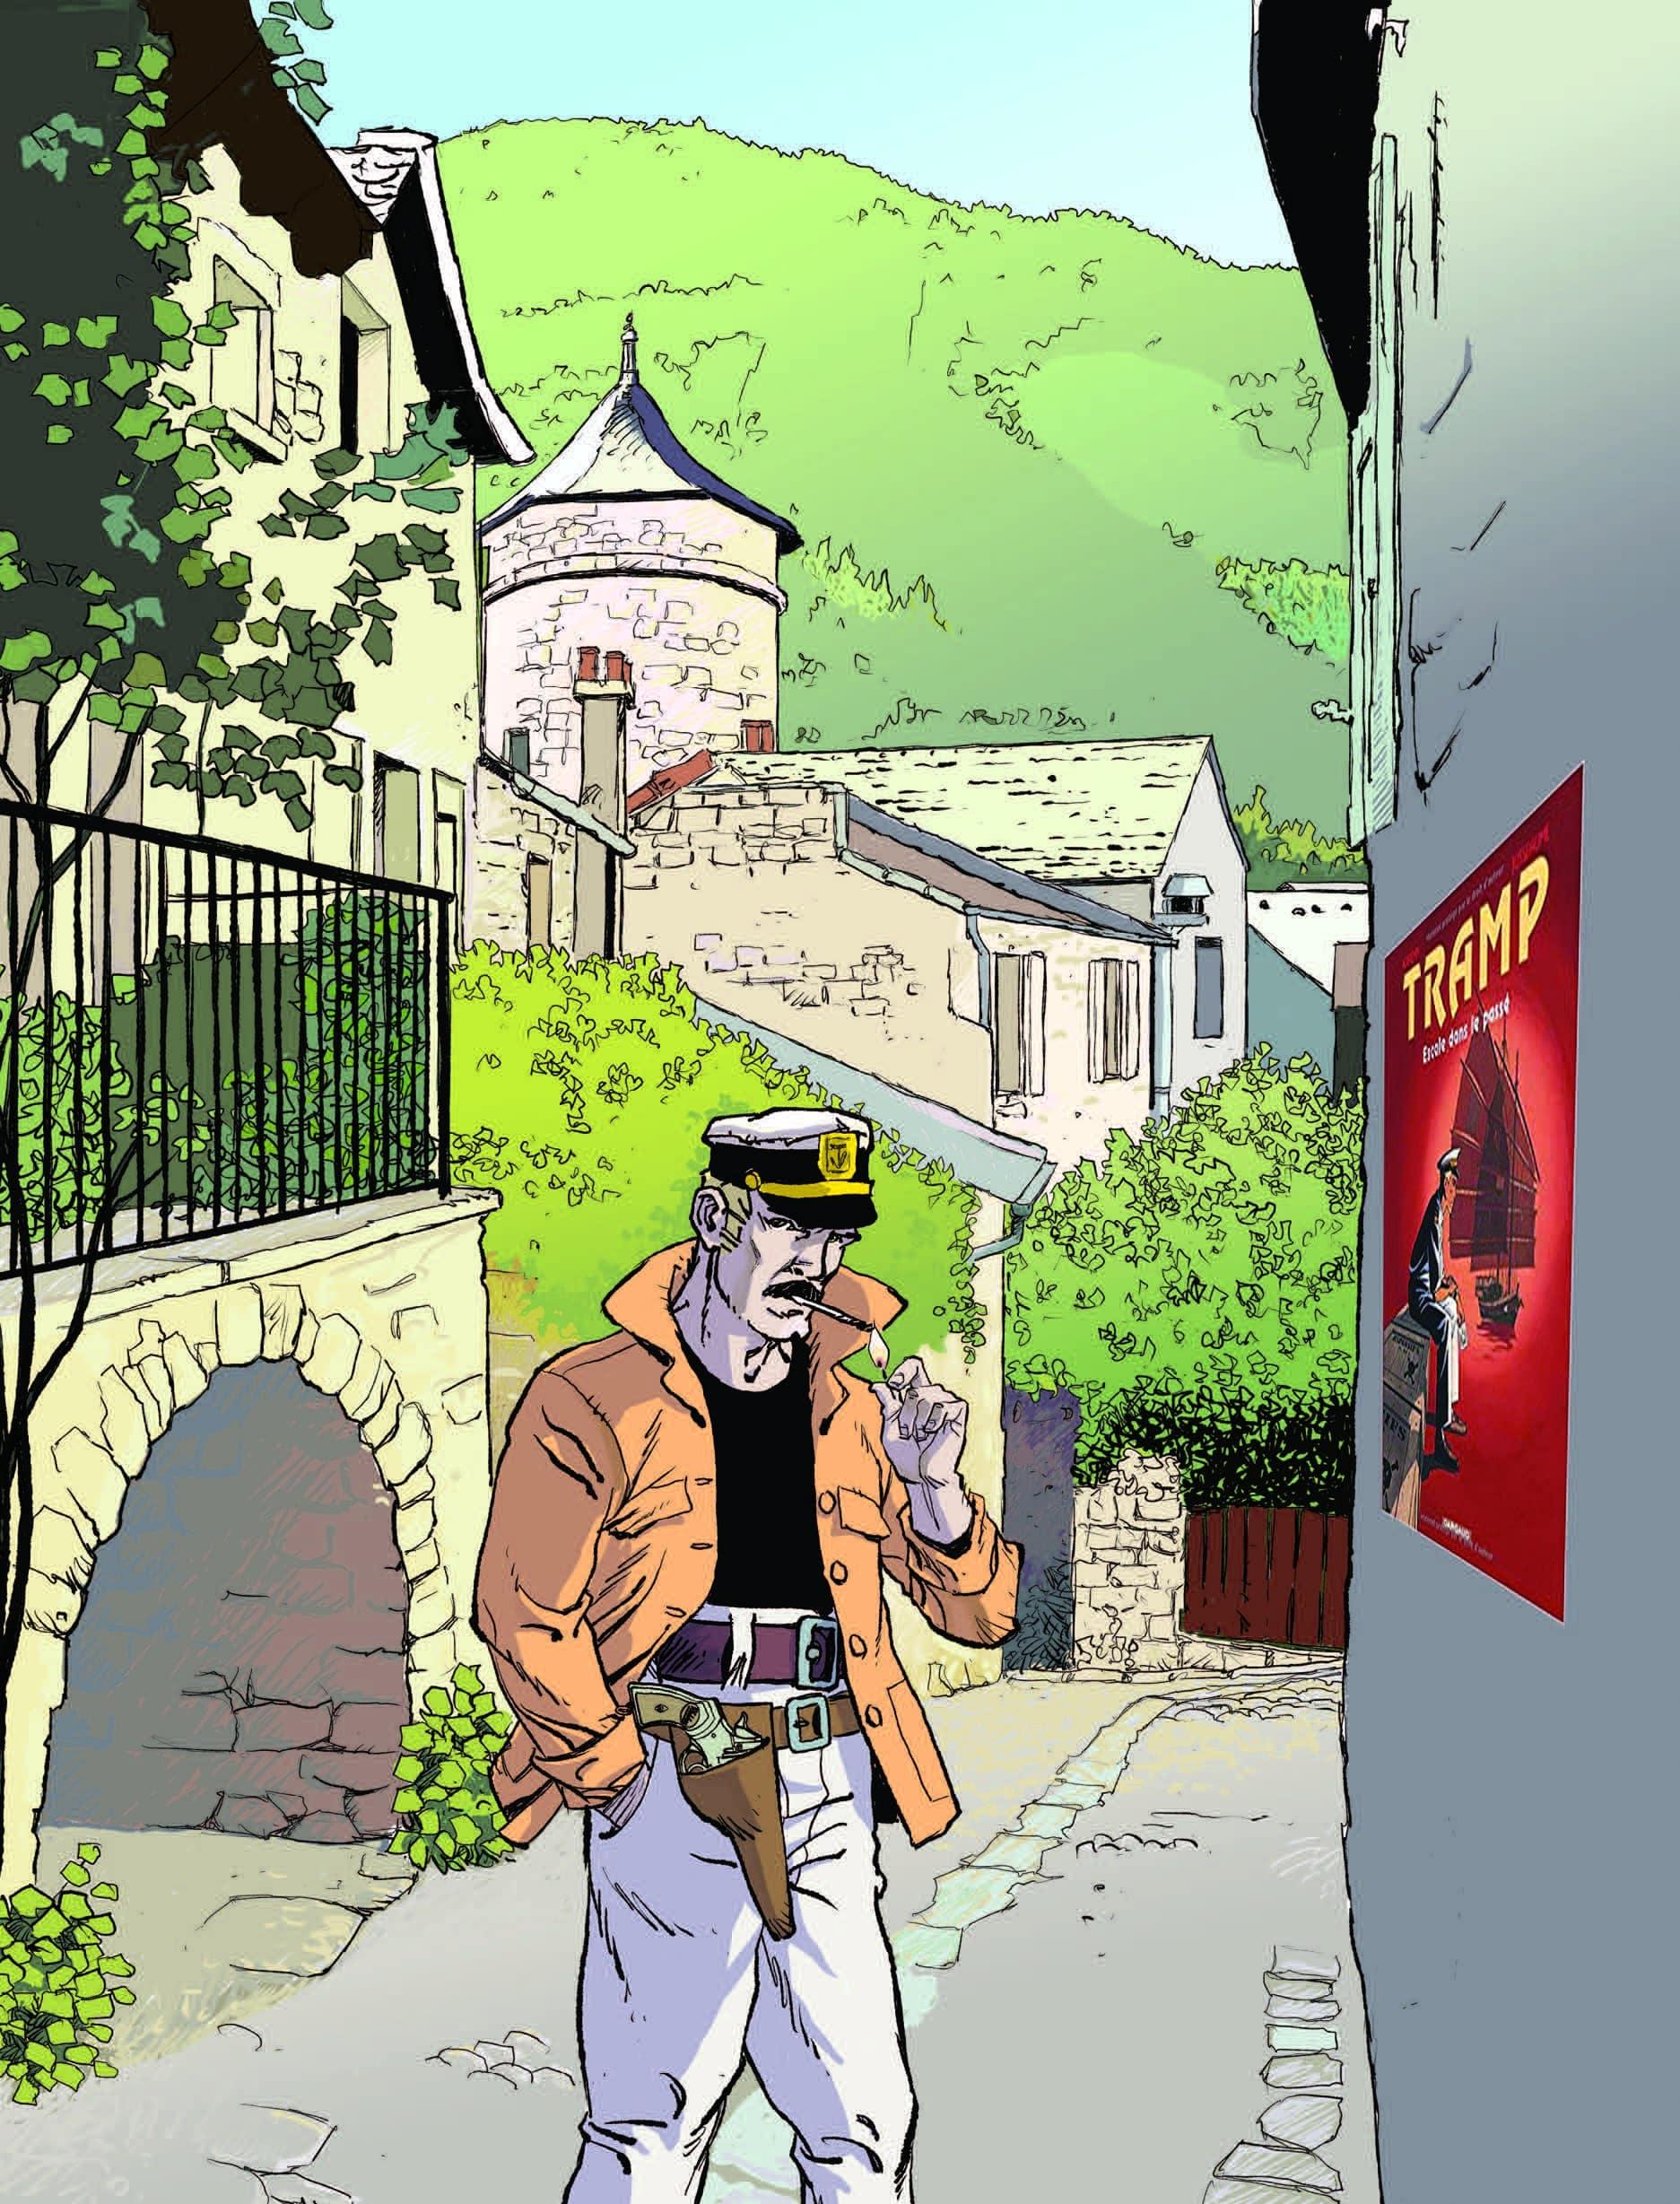 Gine récompensé à Sainte-Enimie pour Sir Ginel par le prix Bulles de Burle et le prix Légendes à l'oeuvre de Patrick Jusseaume